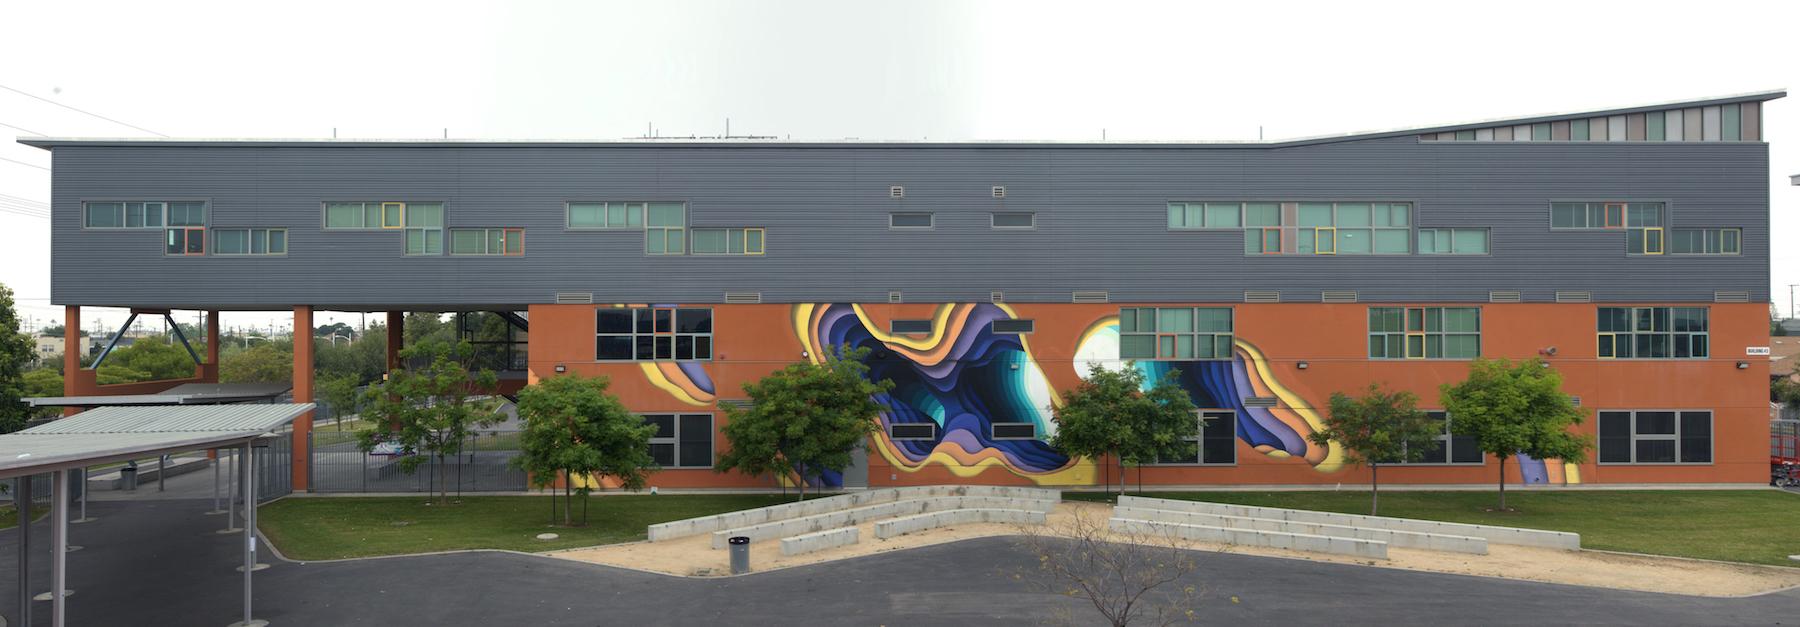 Street Artists dedicate Murals to Maya Angelou, Maya Angelou Mural